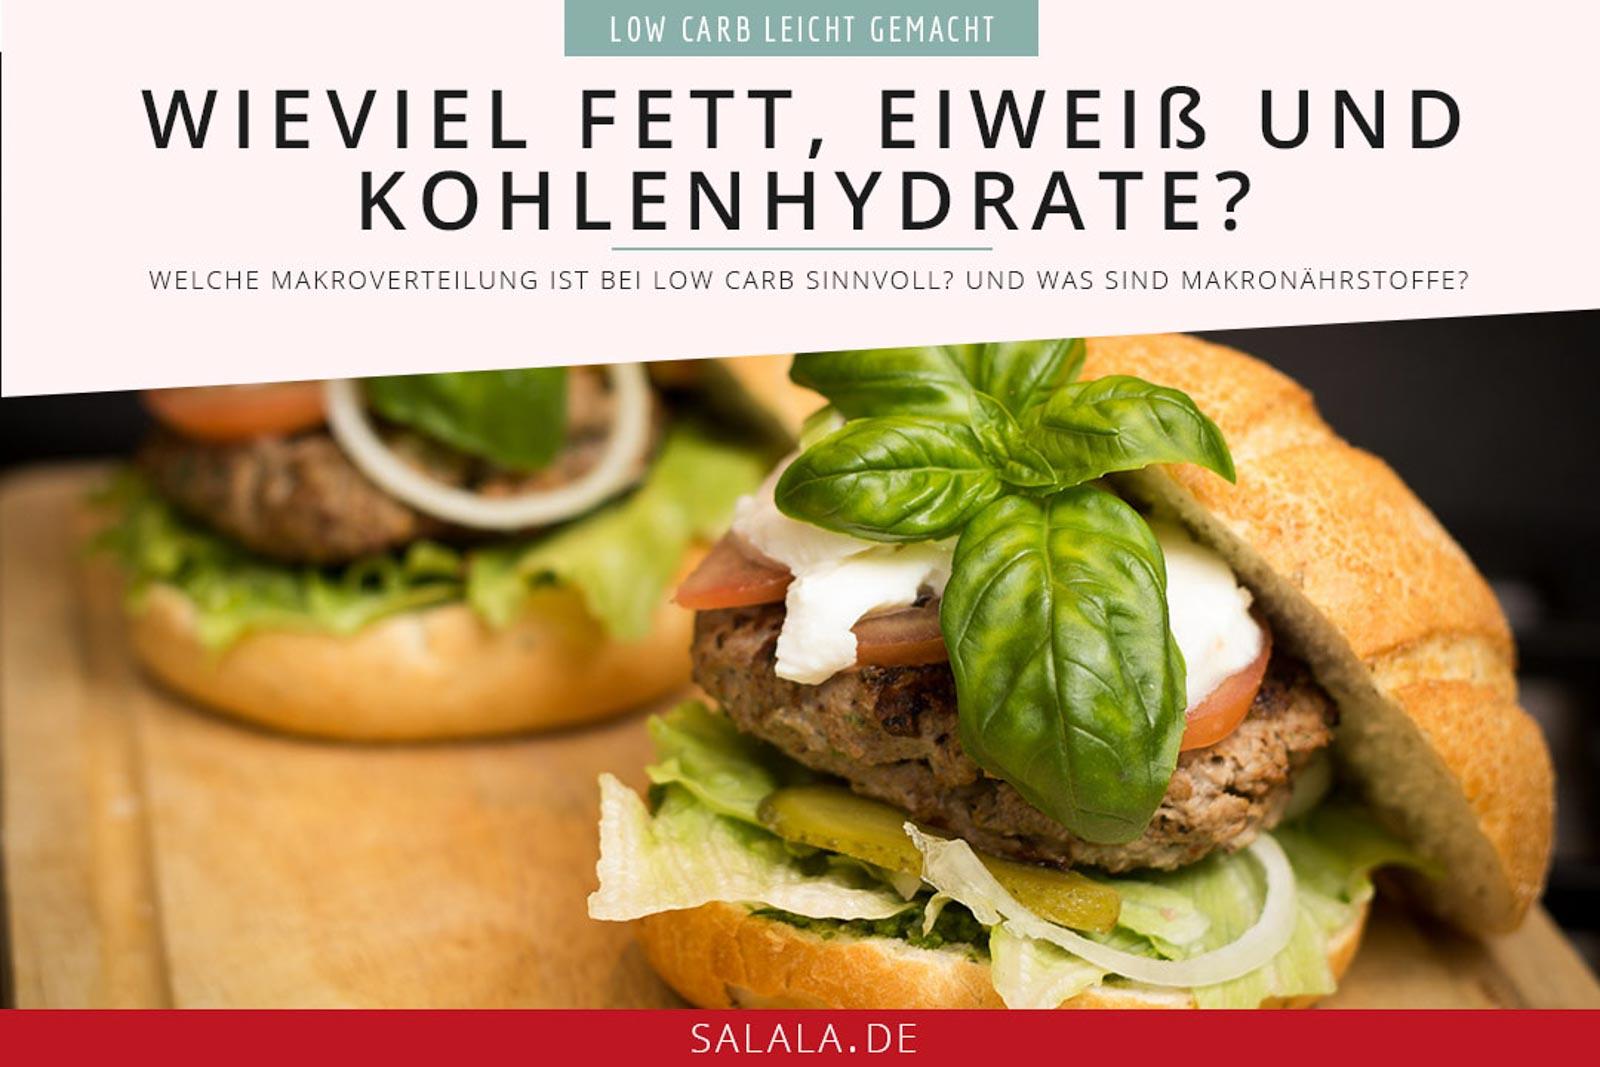 Makronährstoffe I by salala.de I Wie viele Kohlenhydrate Fett und Eiweiß bei Low Carb essen